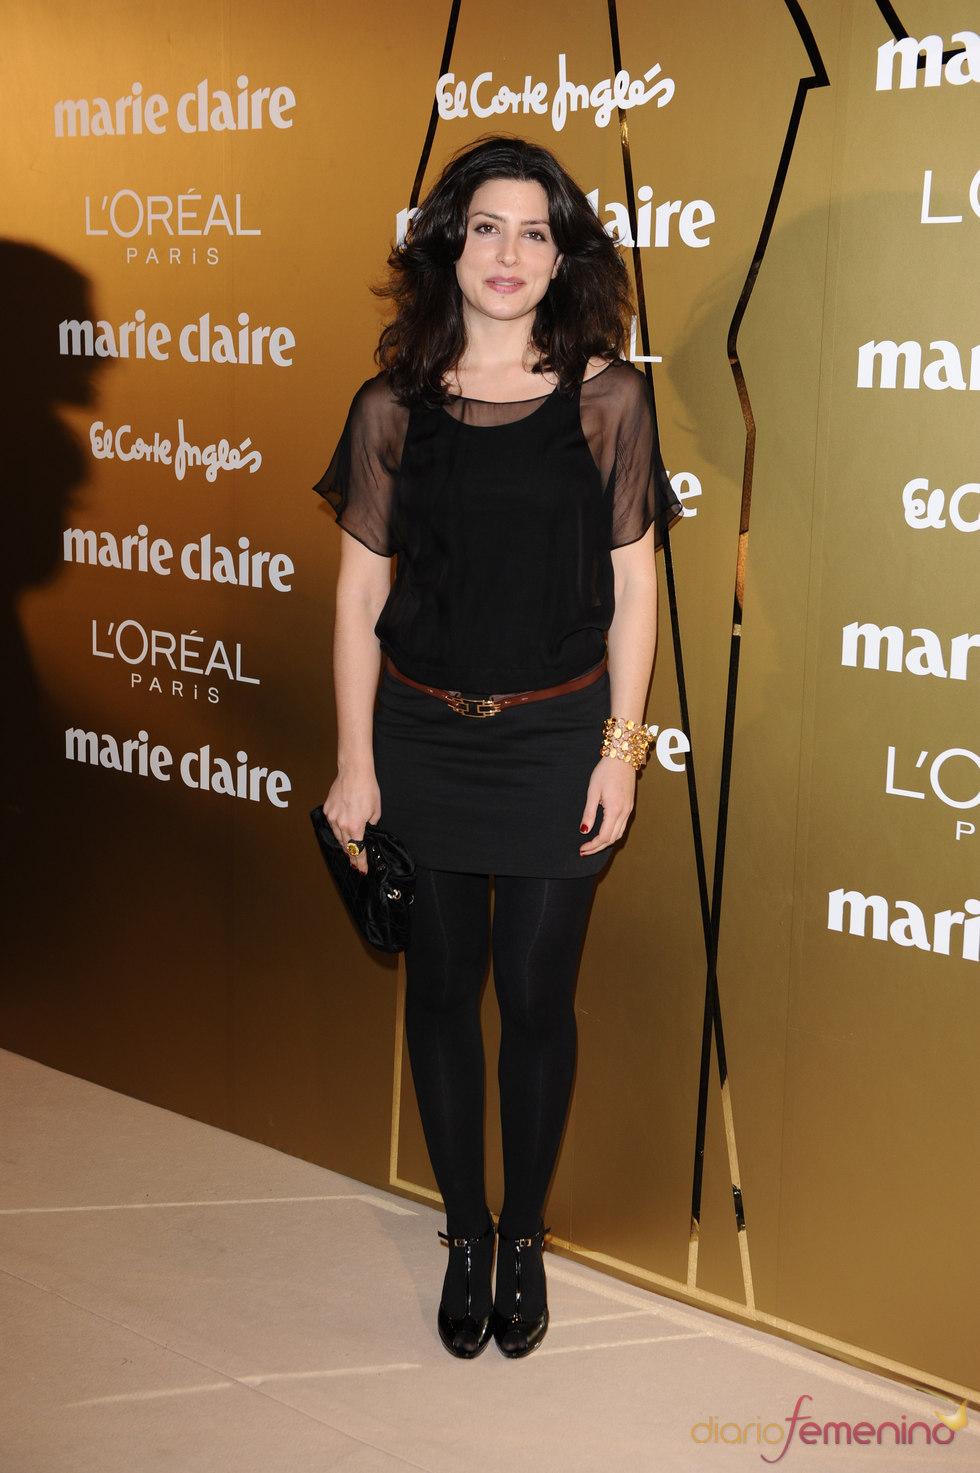 Bárbara Lennie en los Premios Marie Claire 2010